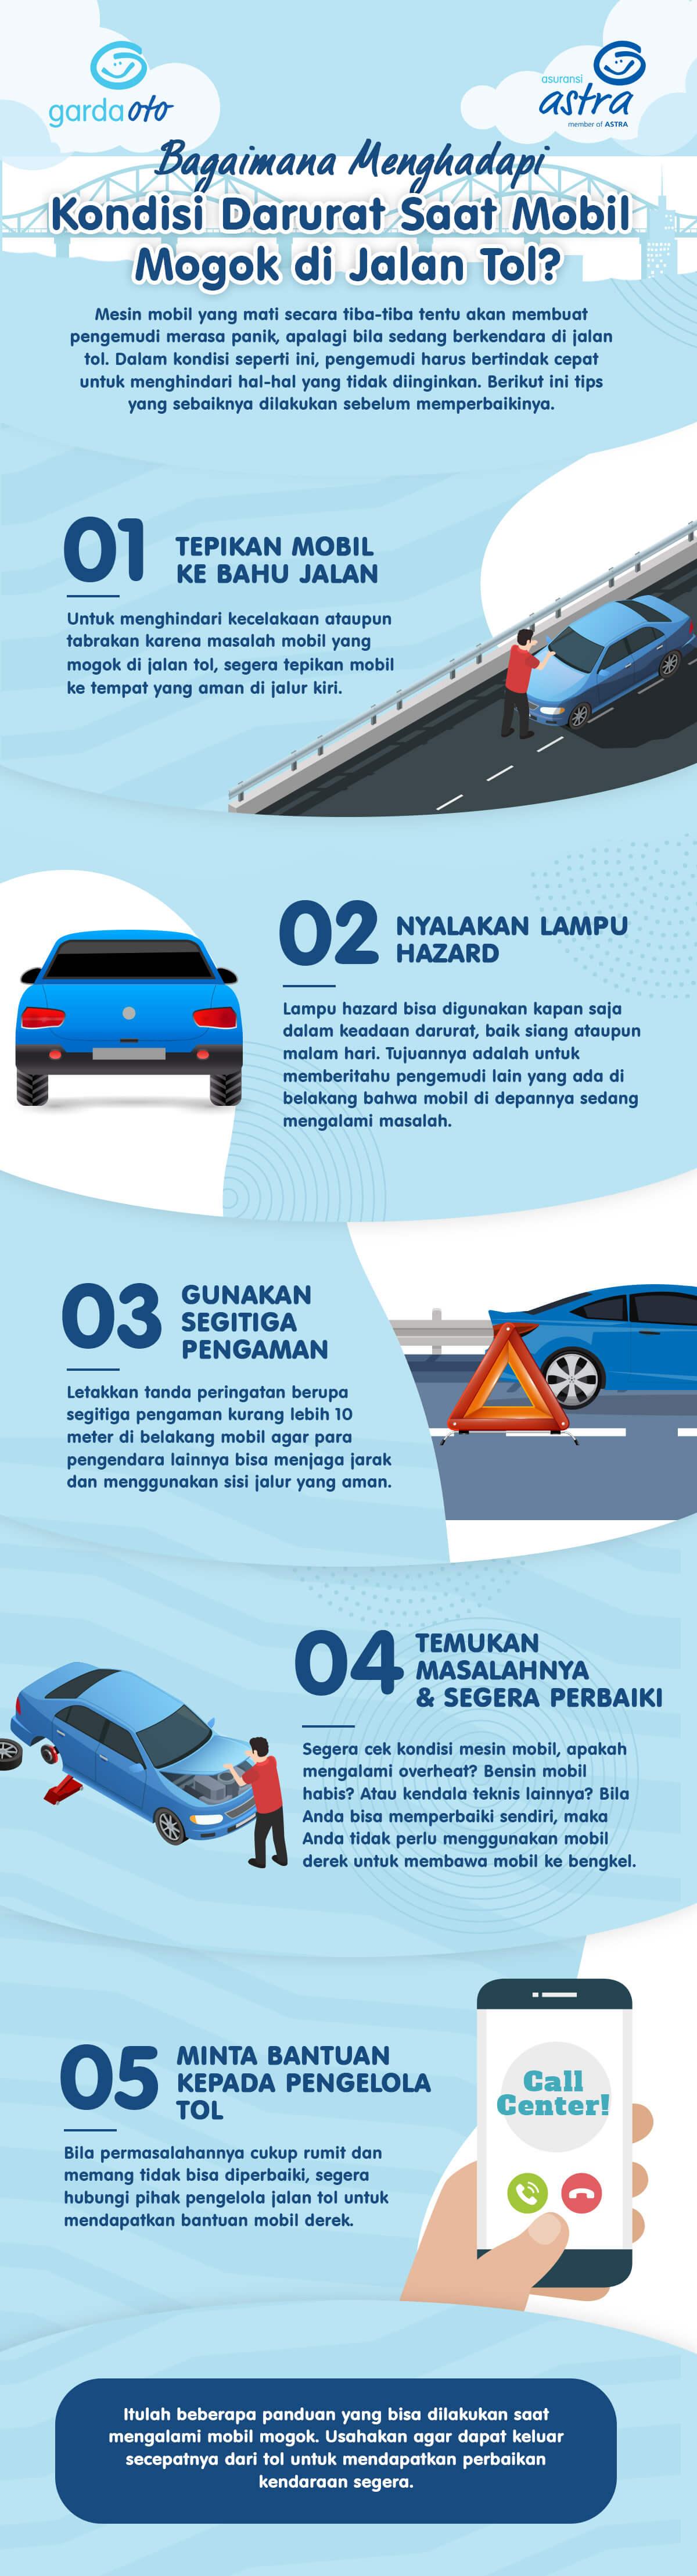 Tips jika mogok di jalan tol